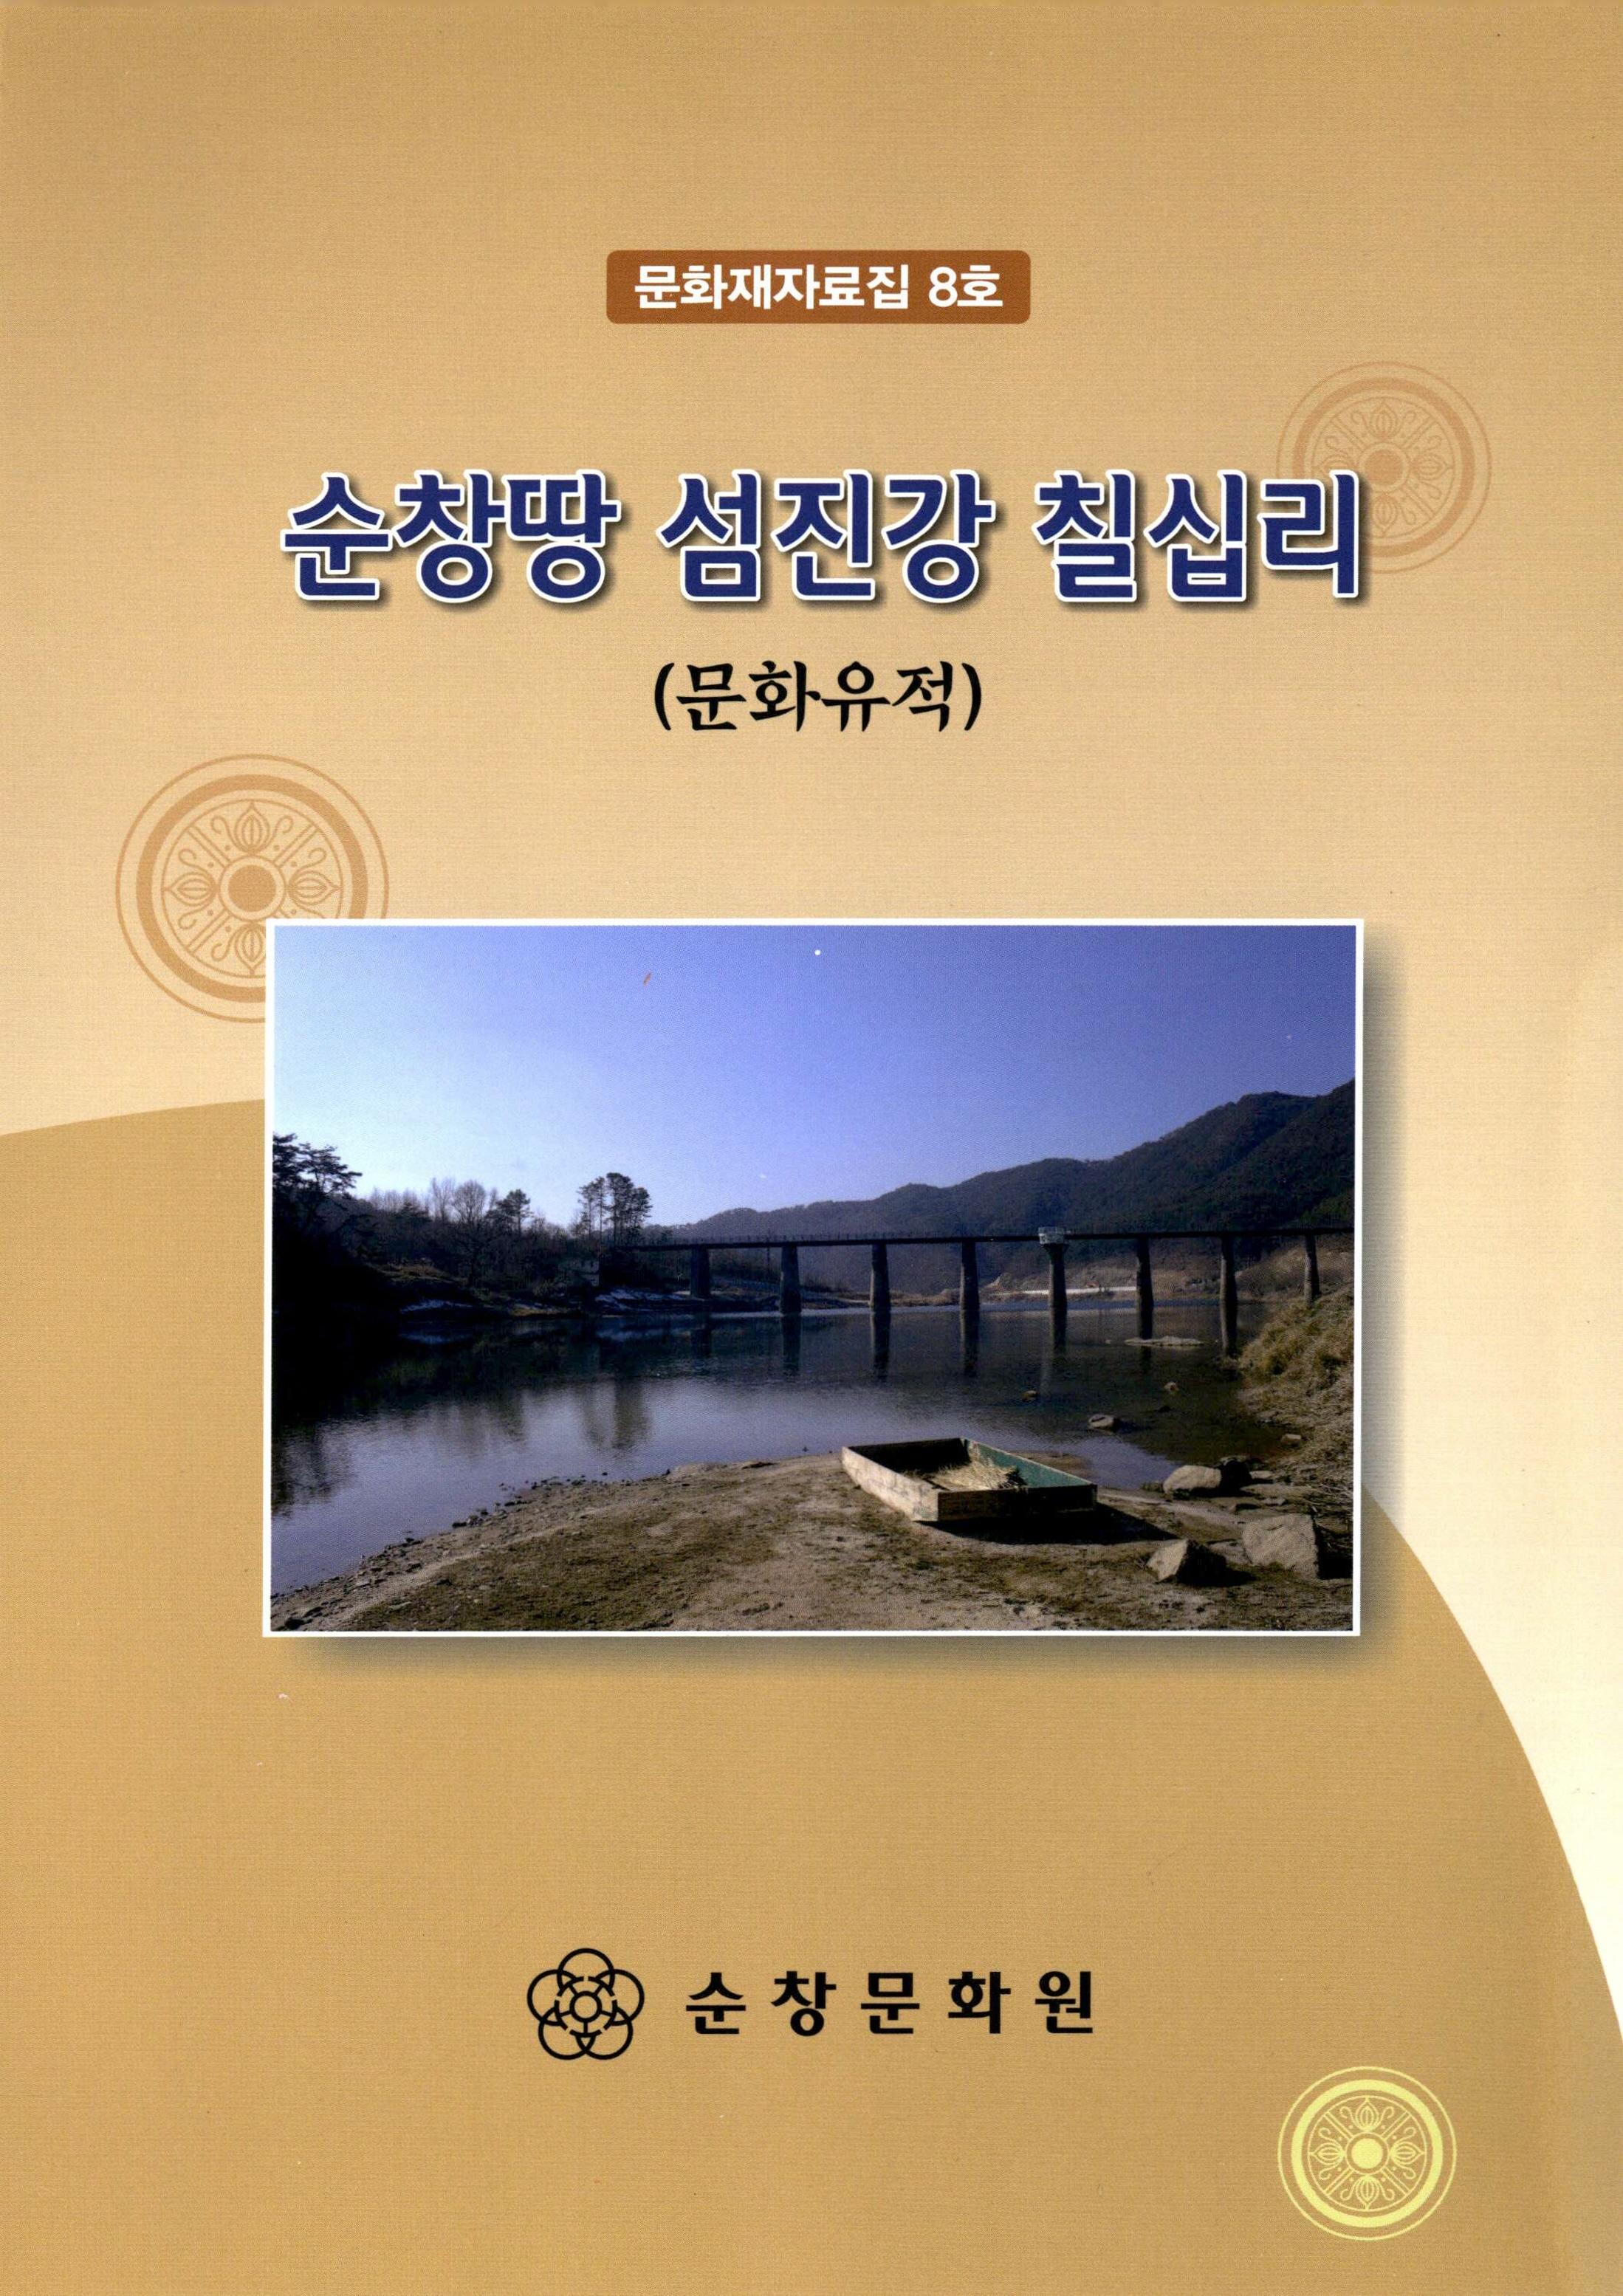 문화재자료집 8호 순창땅 섬진강 칠십리(문화유적)